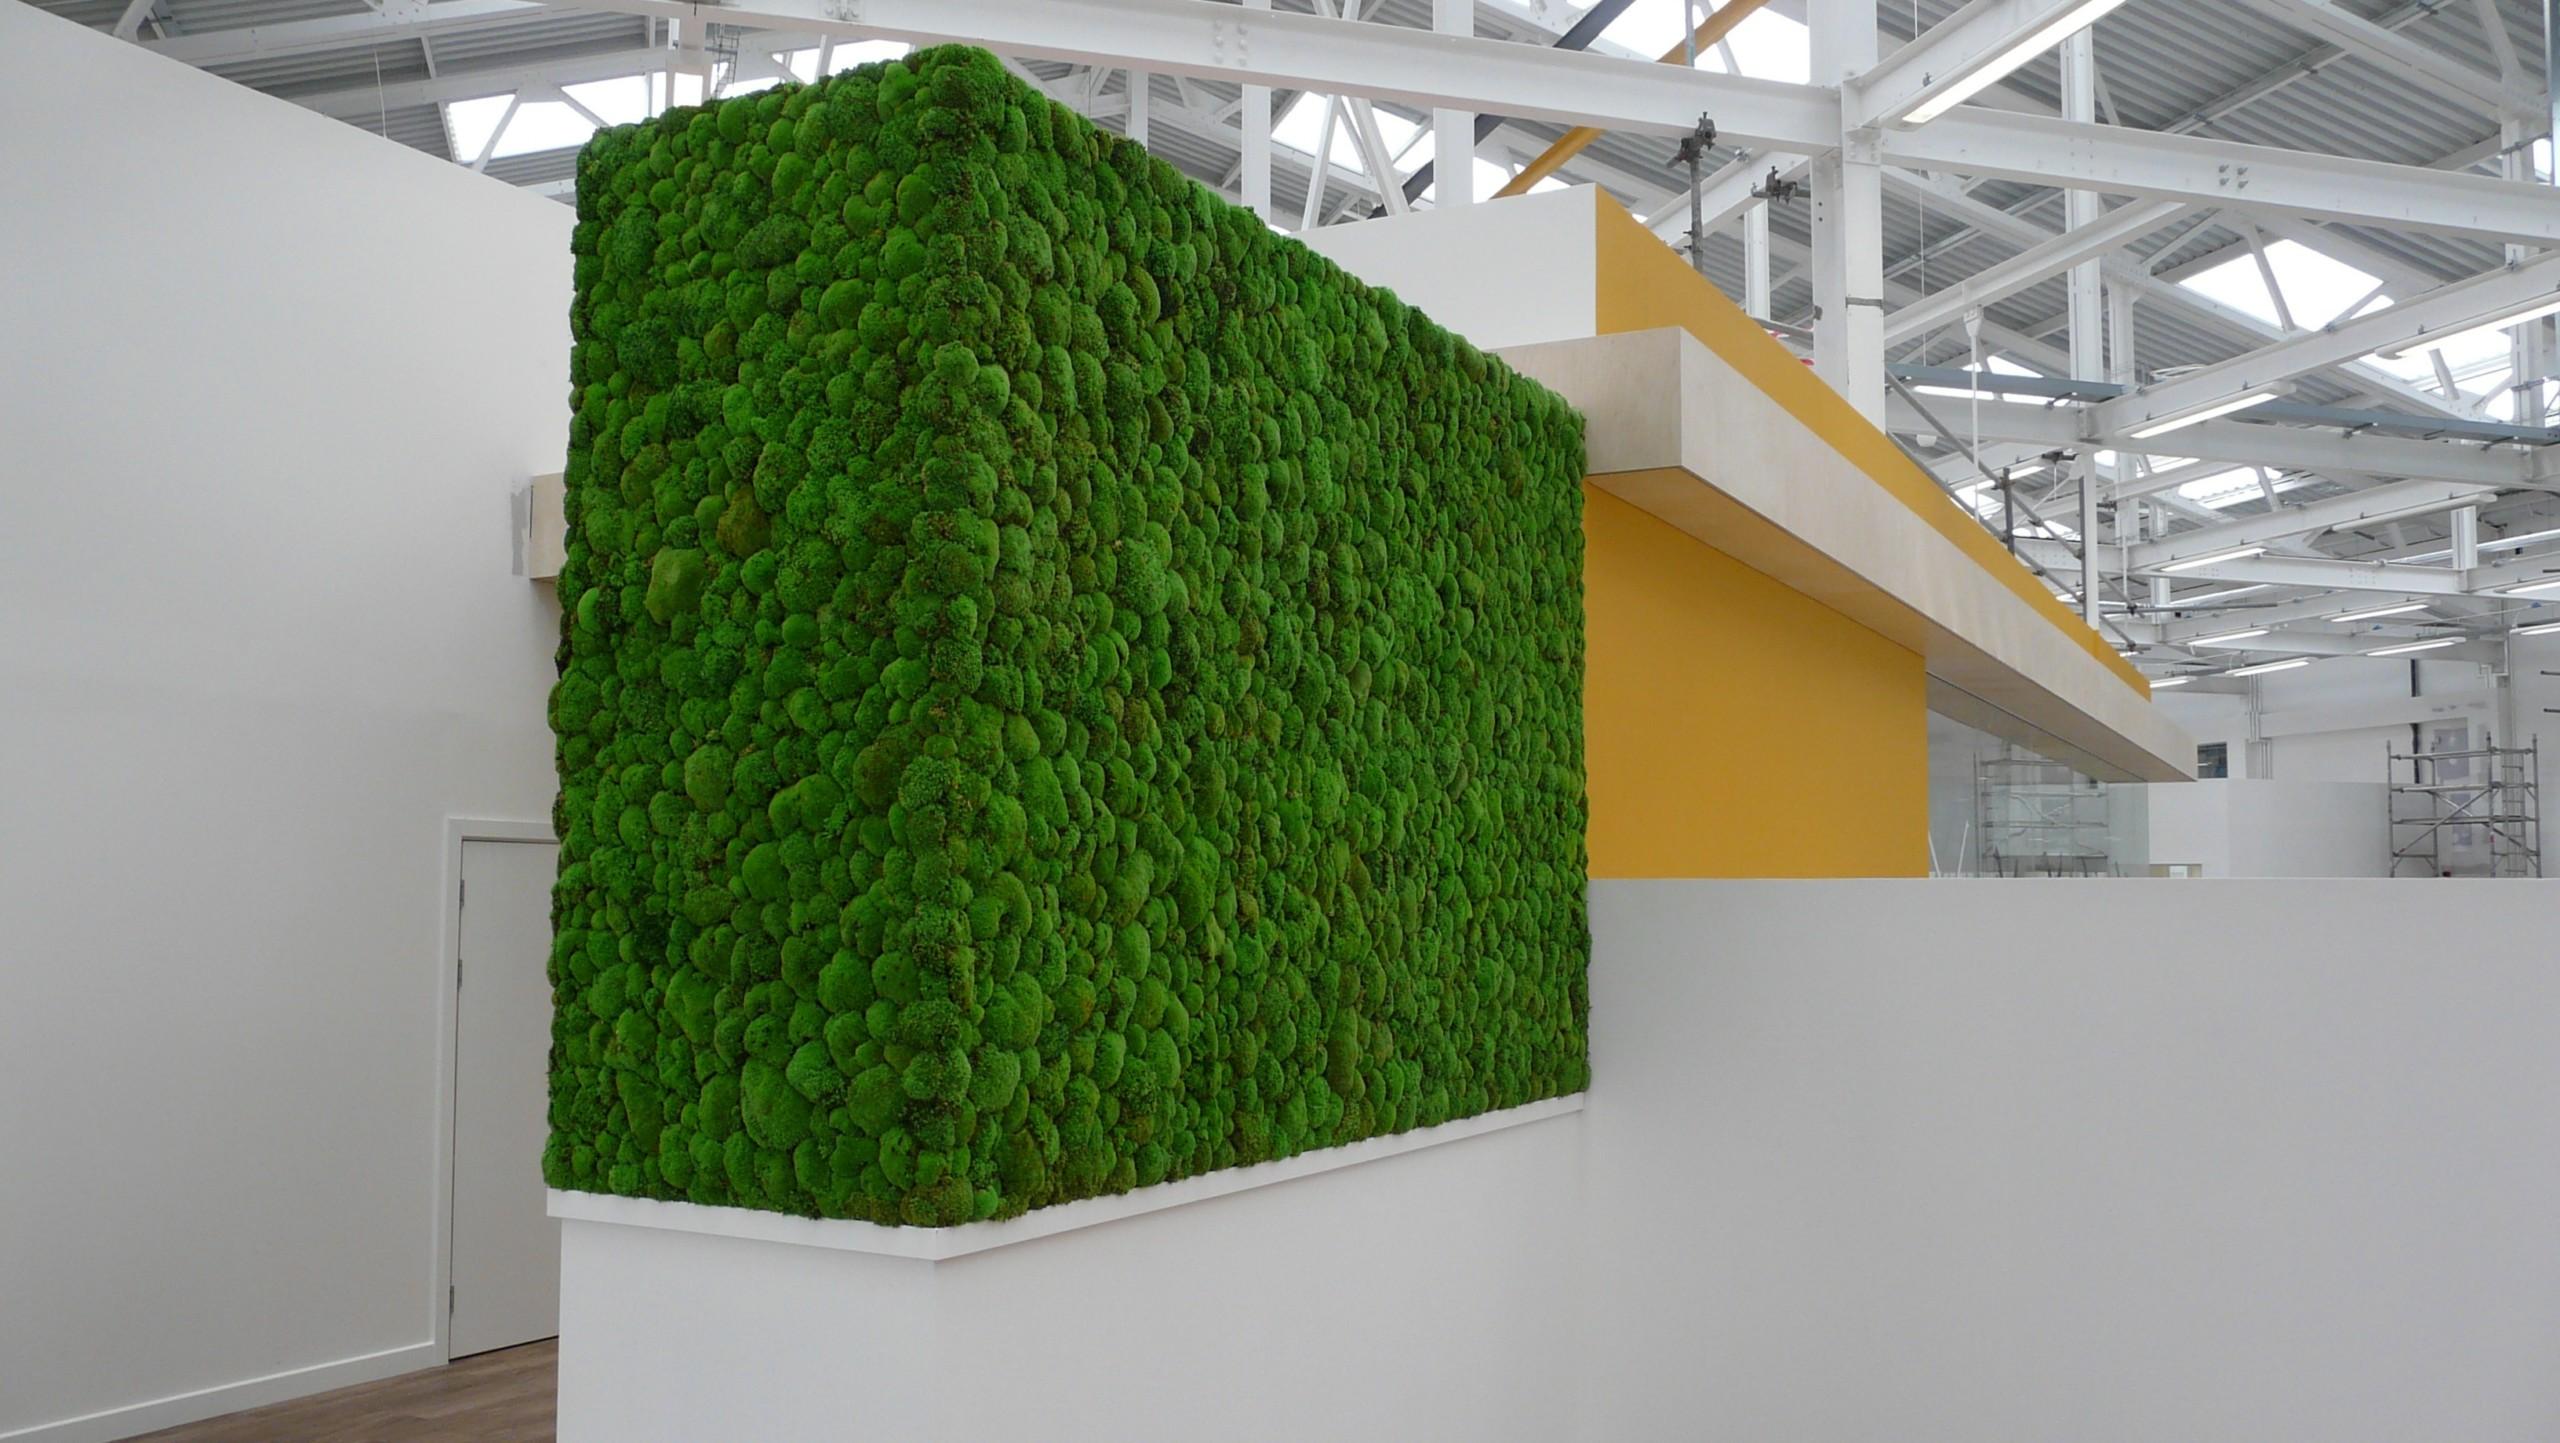 Moss Walls - Regatta